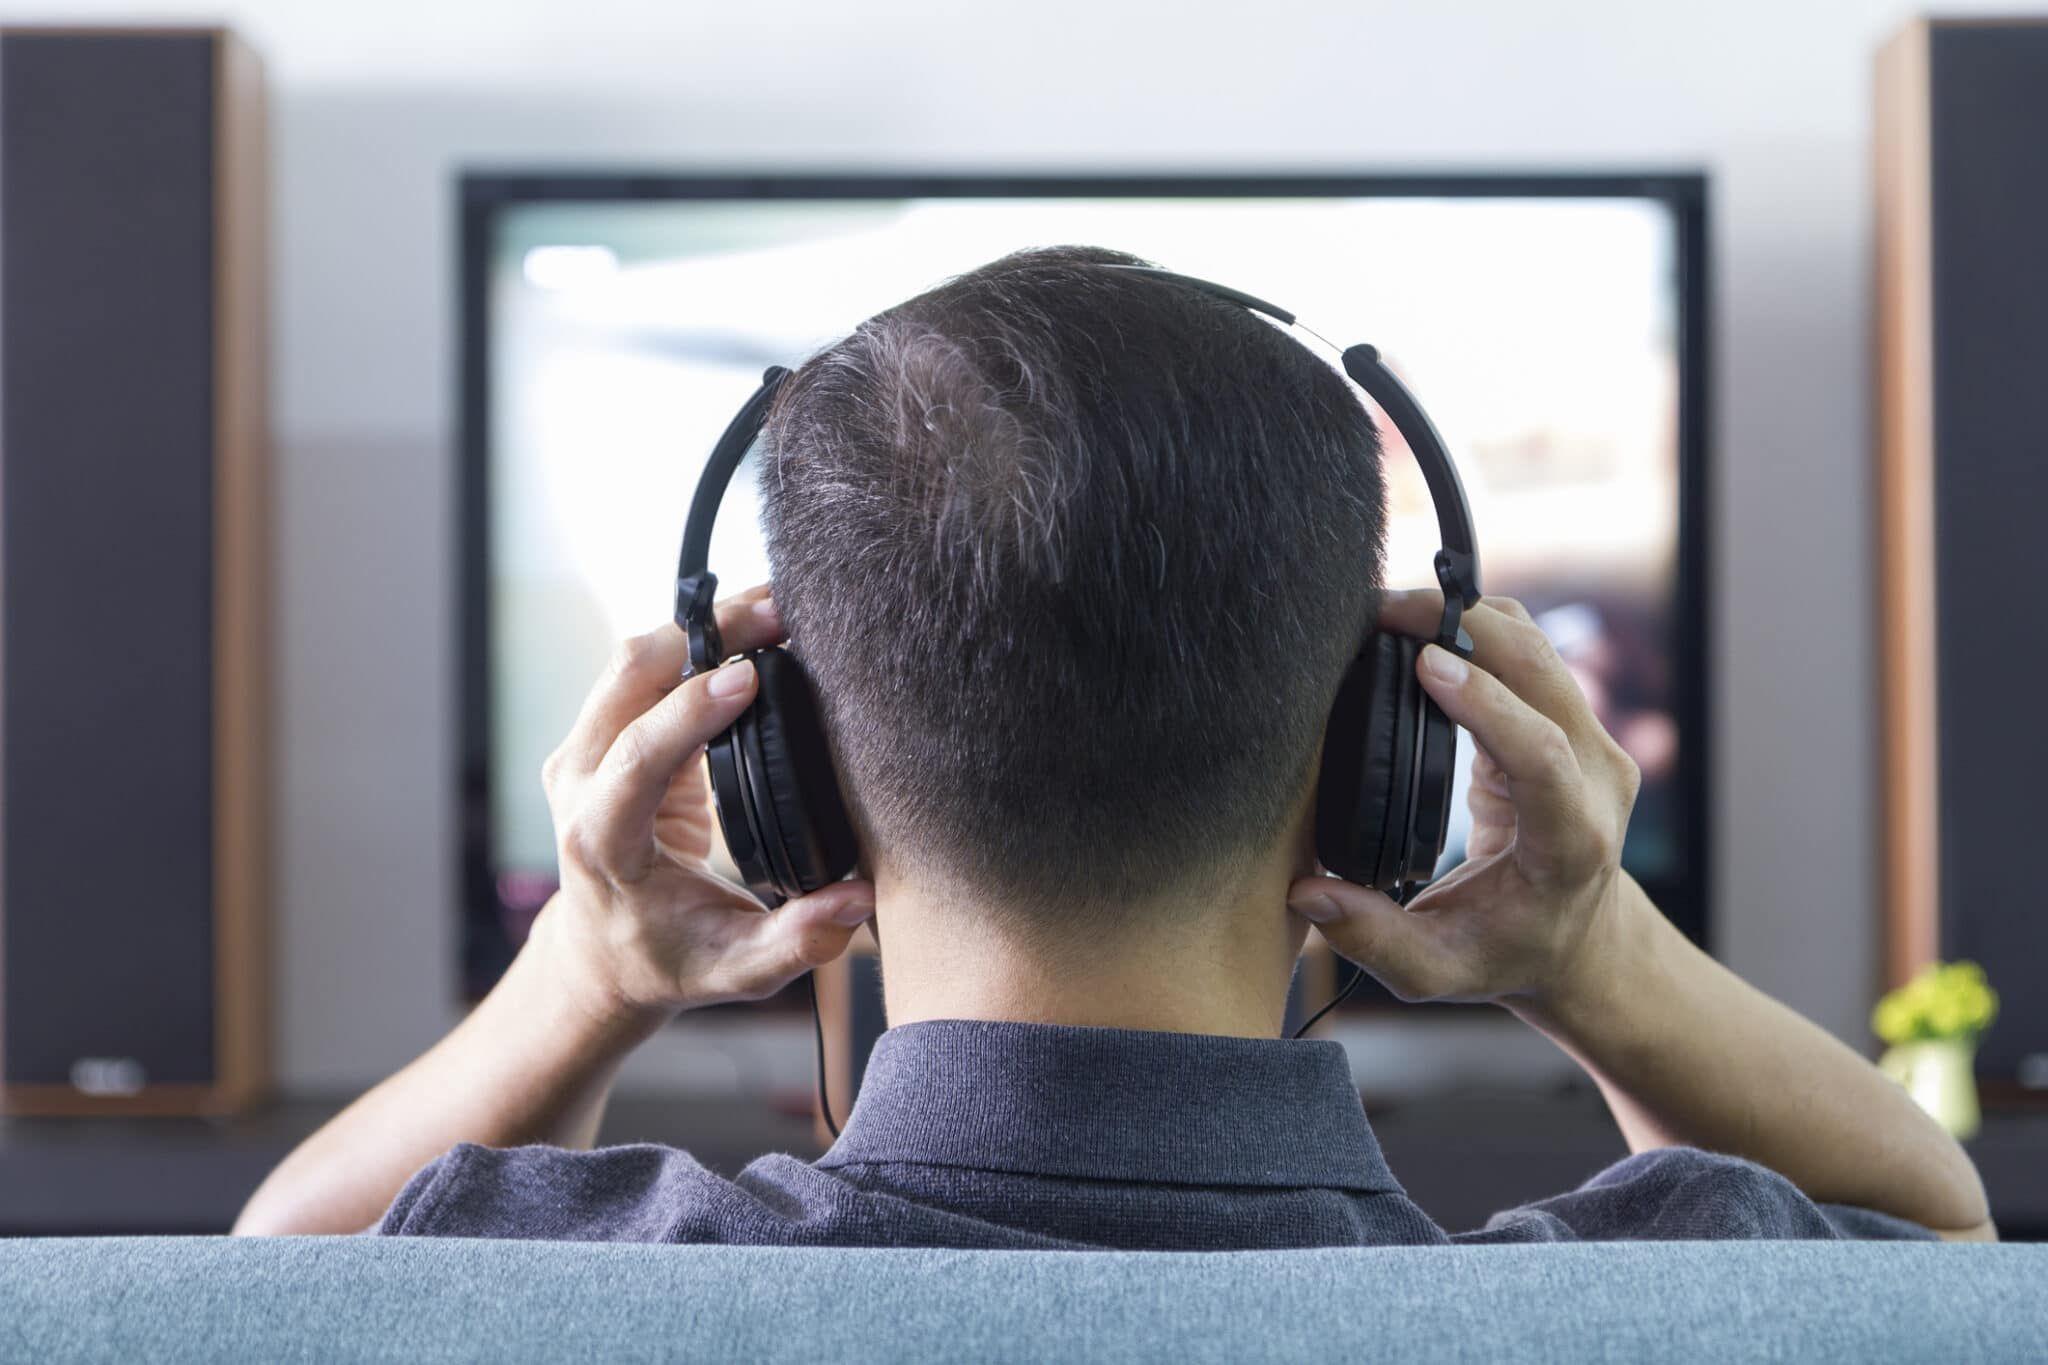 Migliori Cuffie Wireless per TV